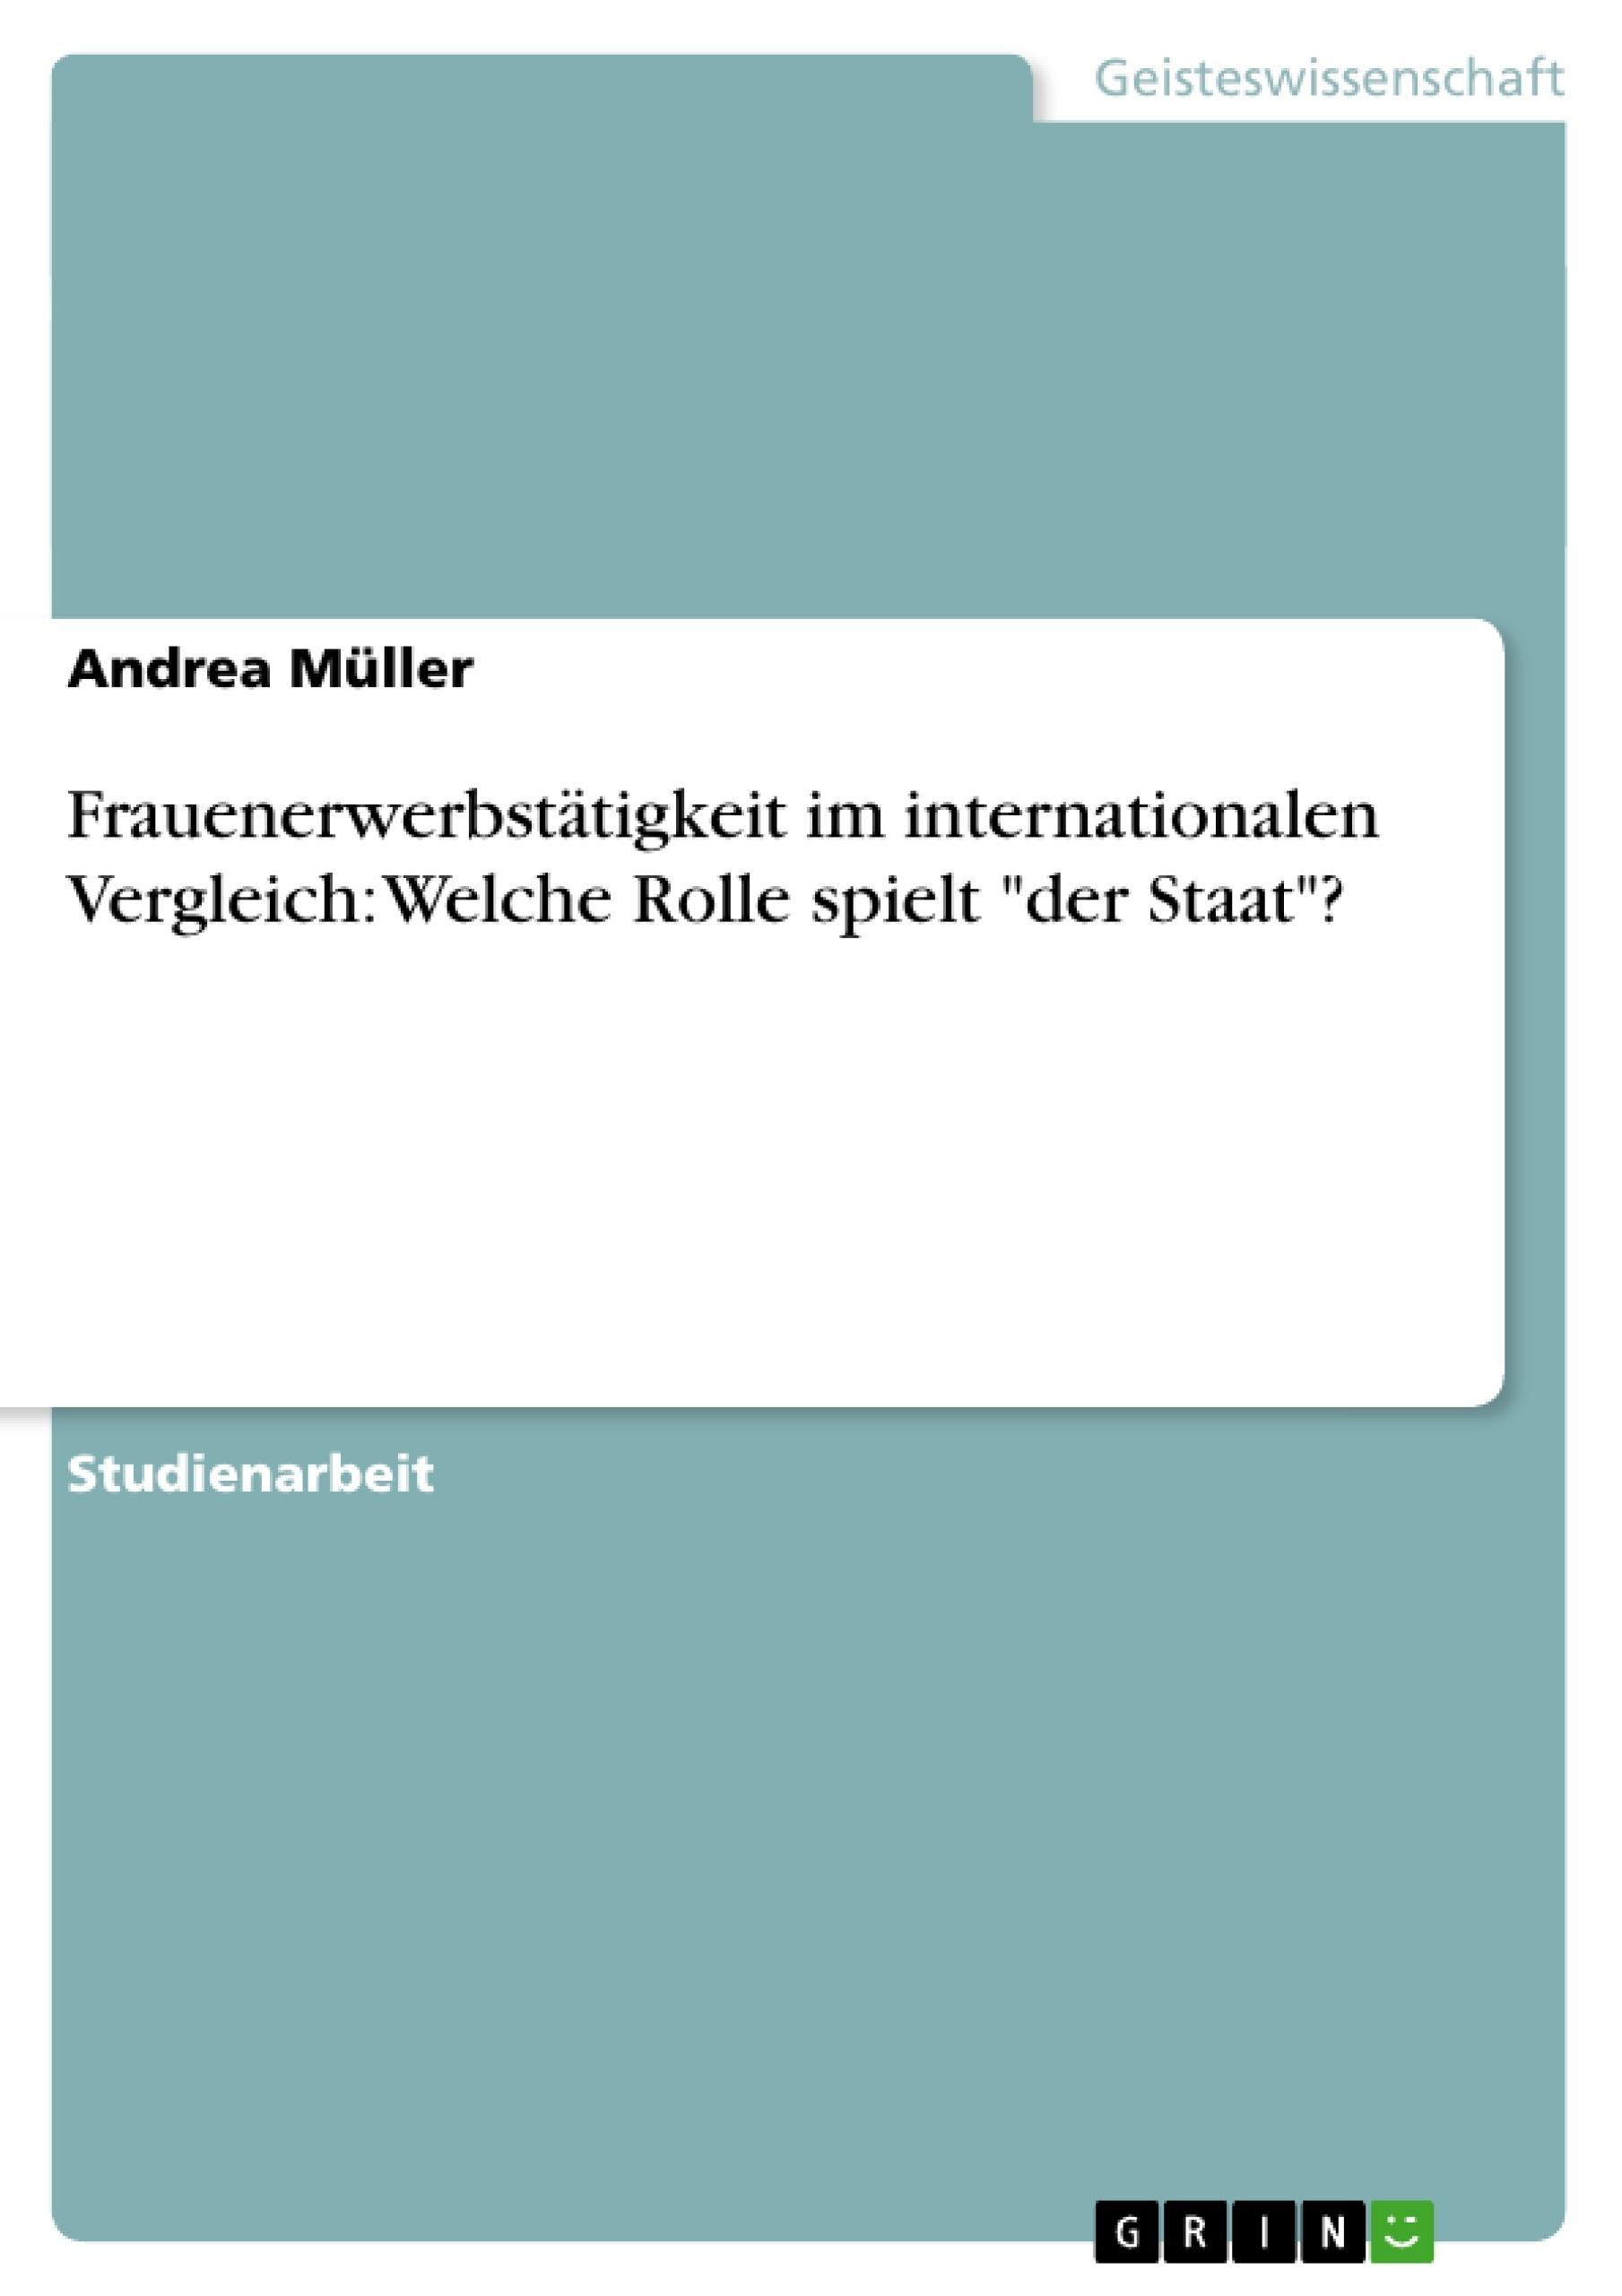 """Titel: Frauenerwerbstätigkeit im internationalen Vergleich: Welche Rolle spielt """"der Staat""""?"""